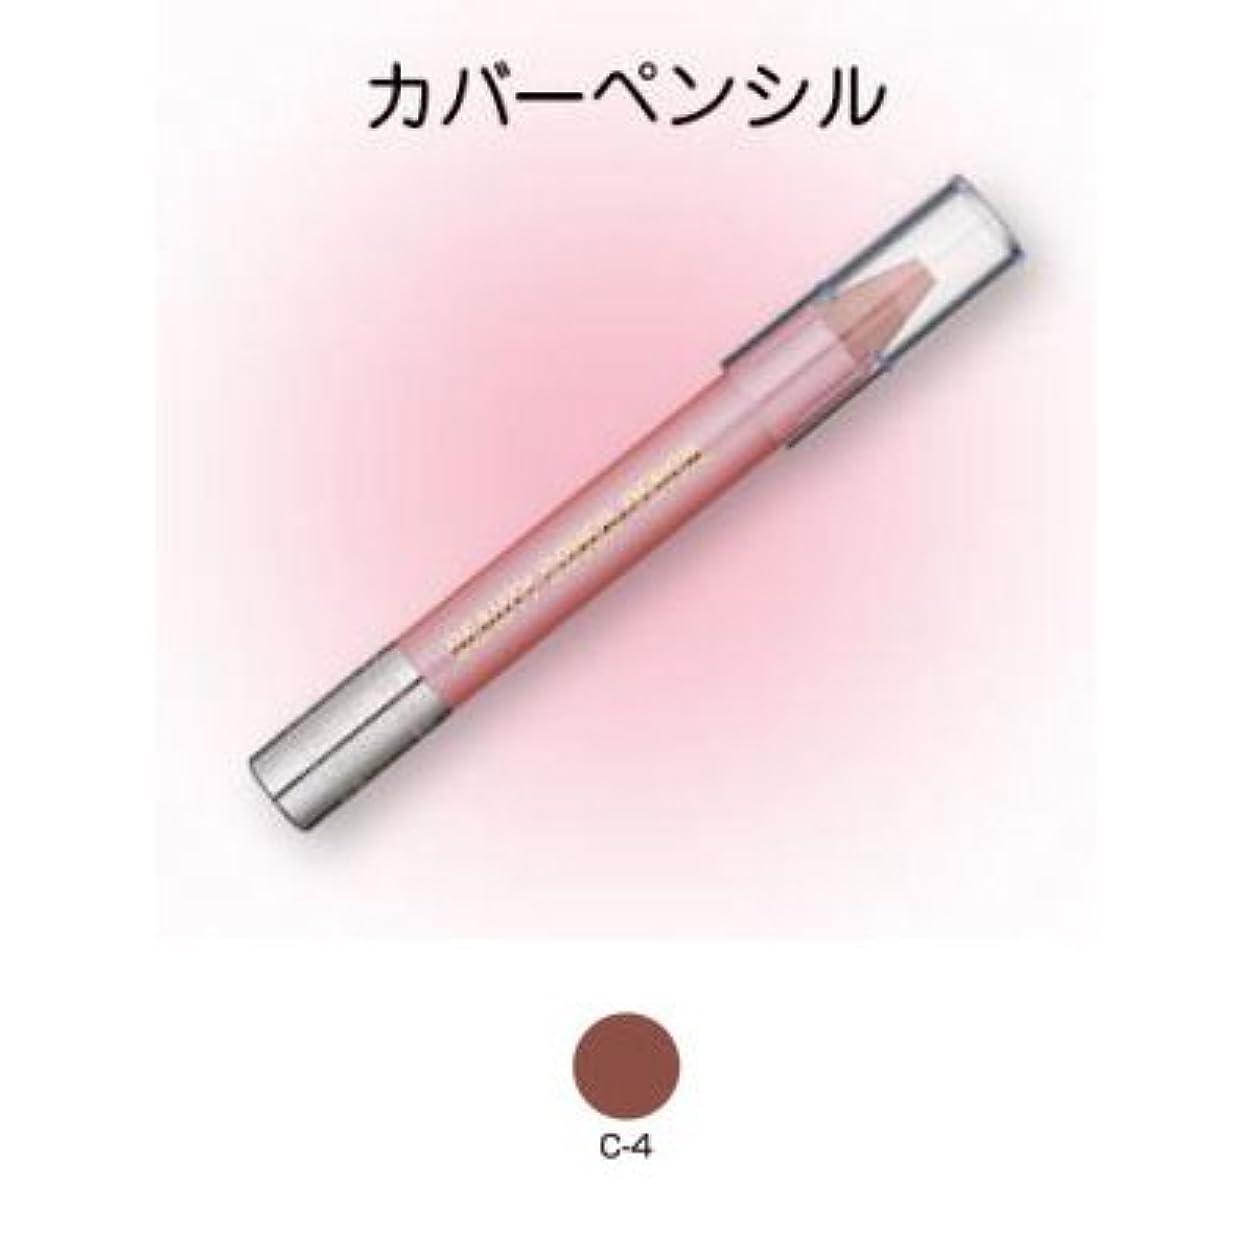 裕福な手順奨励ビューティーカバーペンシル C-4【三善】